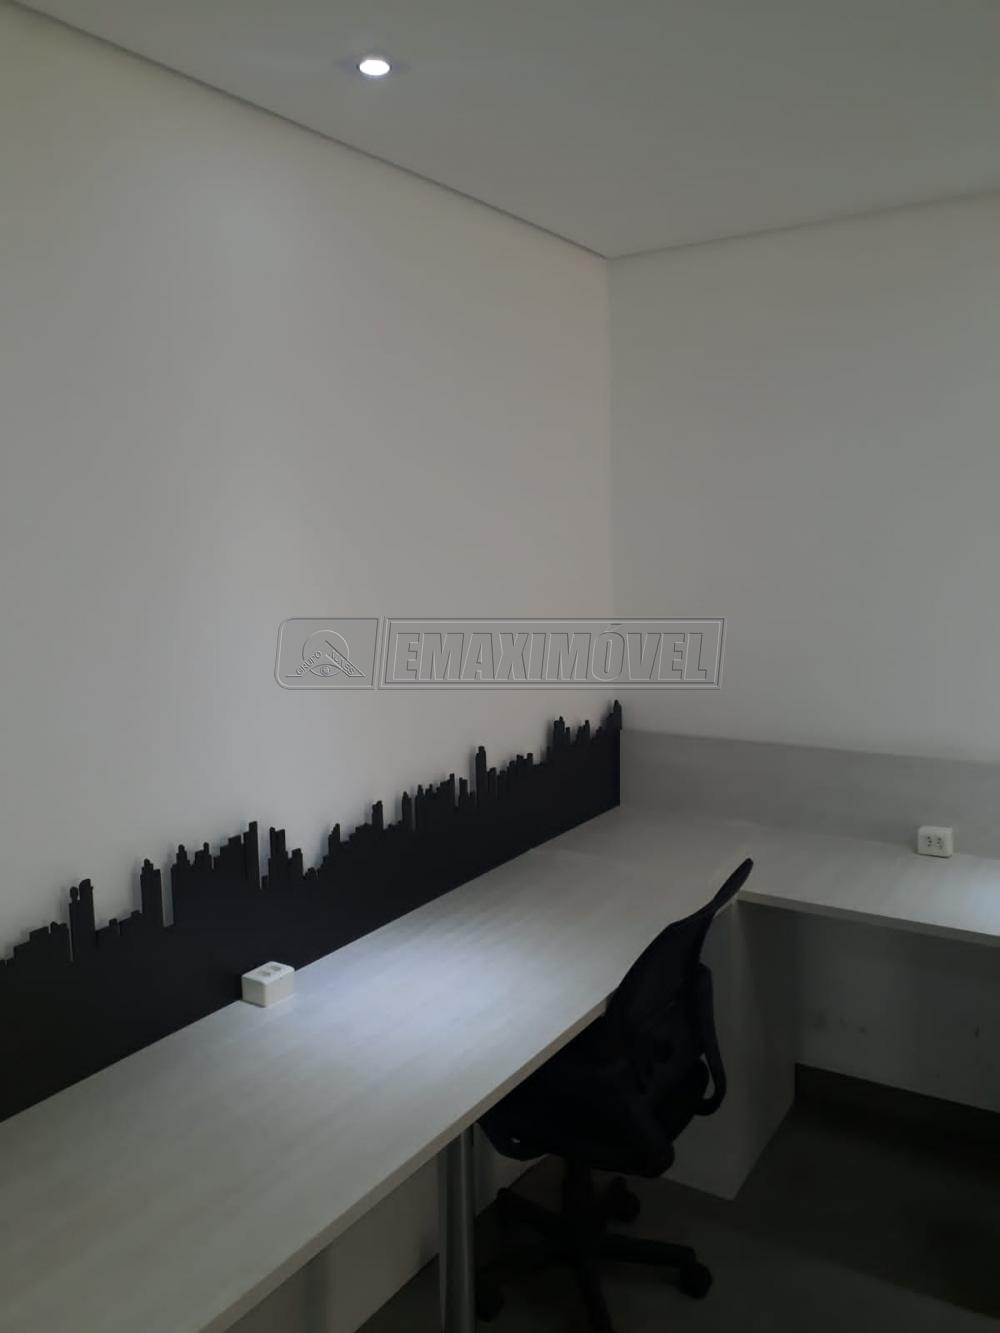 Alugar Sala Comercial / em Condomínio em Sorocaba R$ 1.200,00 - Foto 5